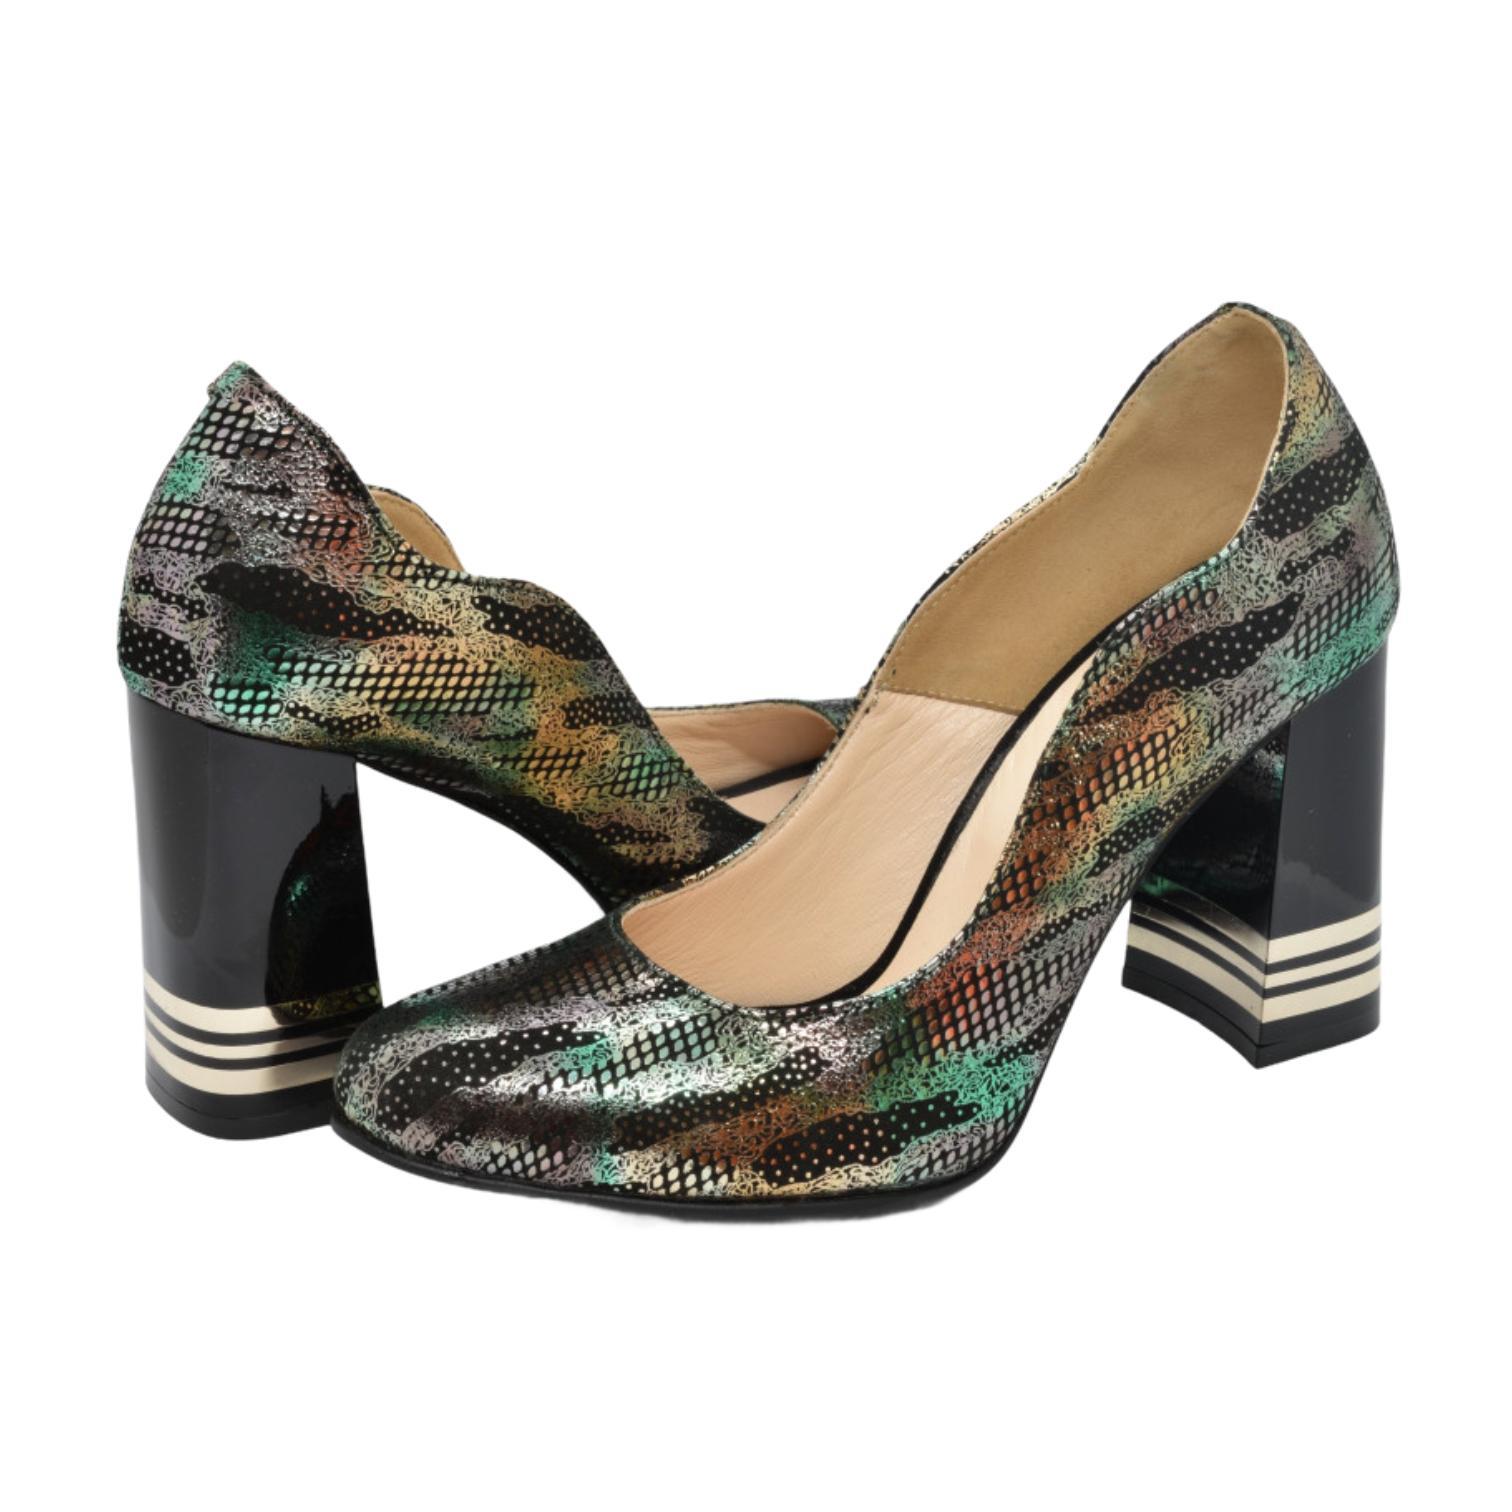 Pantofi negri cu model auriu si verde